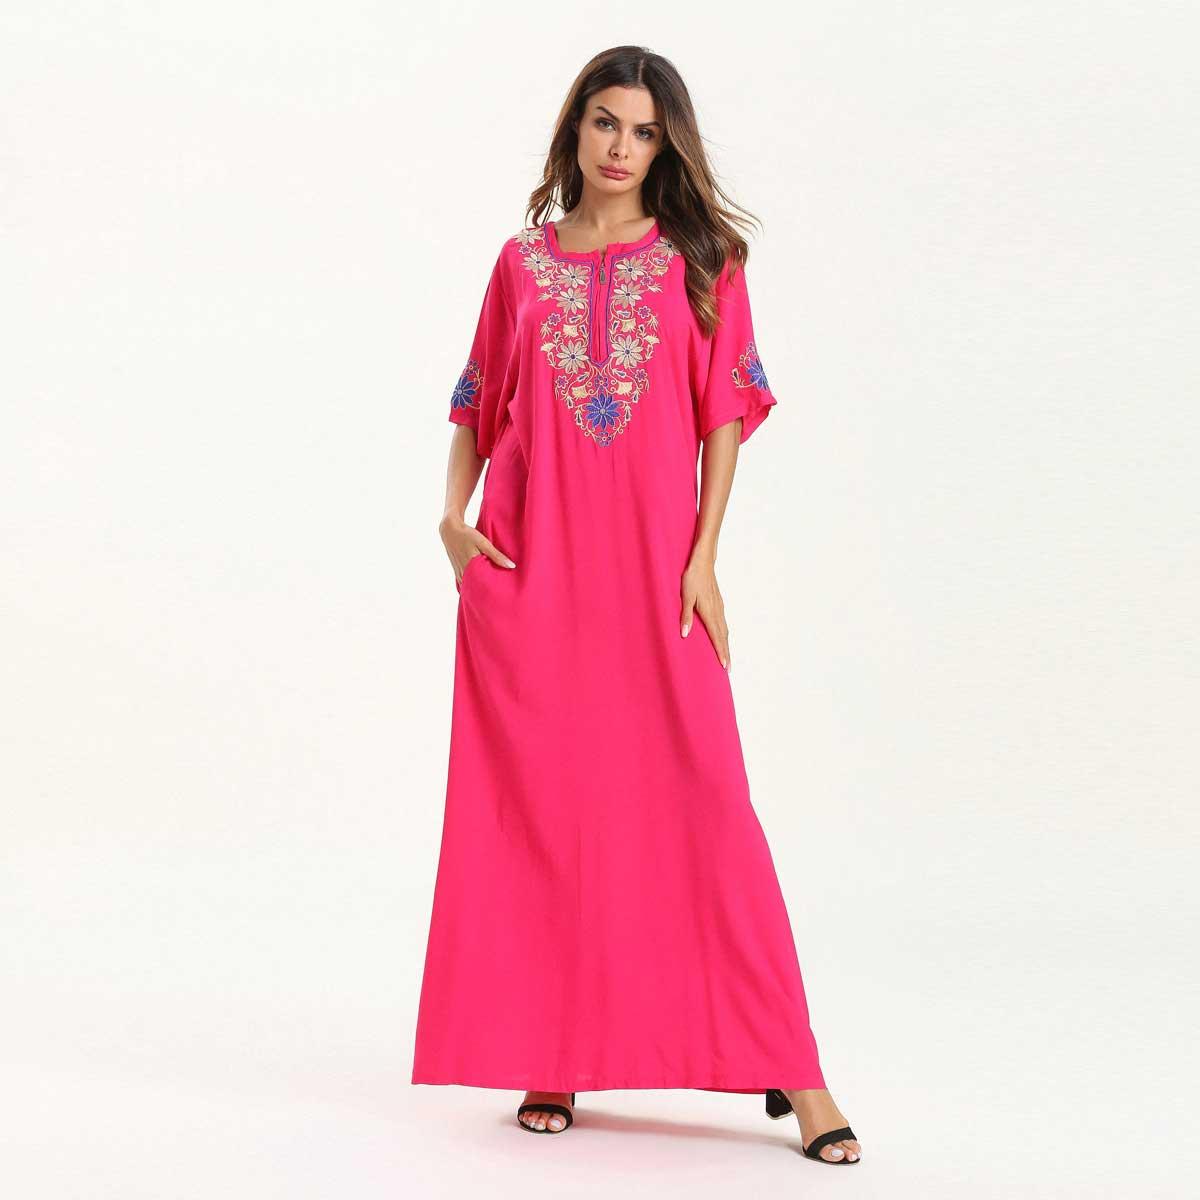 Women Summer Maxi Dress Short Sleeve Embroidery Ethnic Muslim Abaya Dubai Kaftan Islamic Arabic Ramadan Robe Fashion VKDR1523